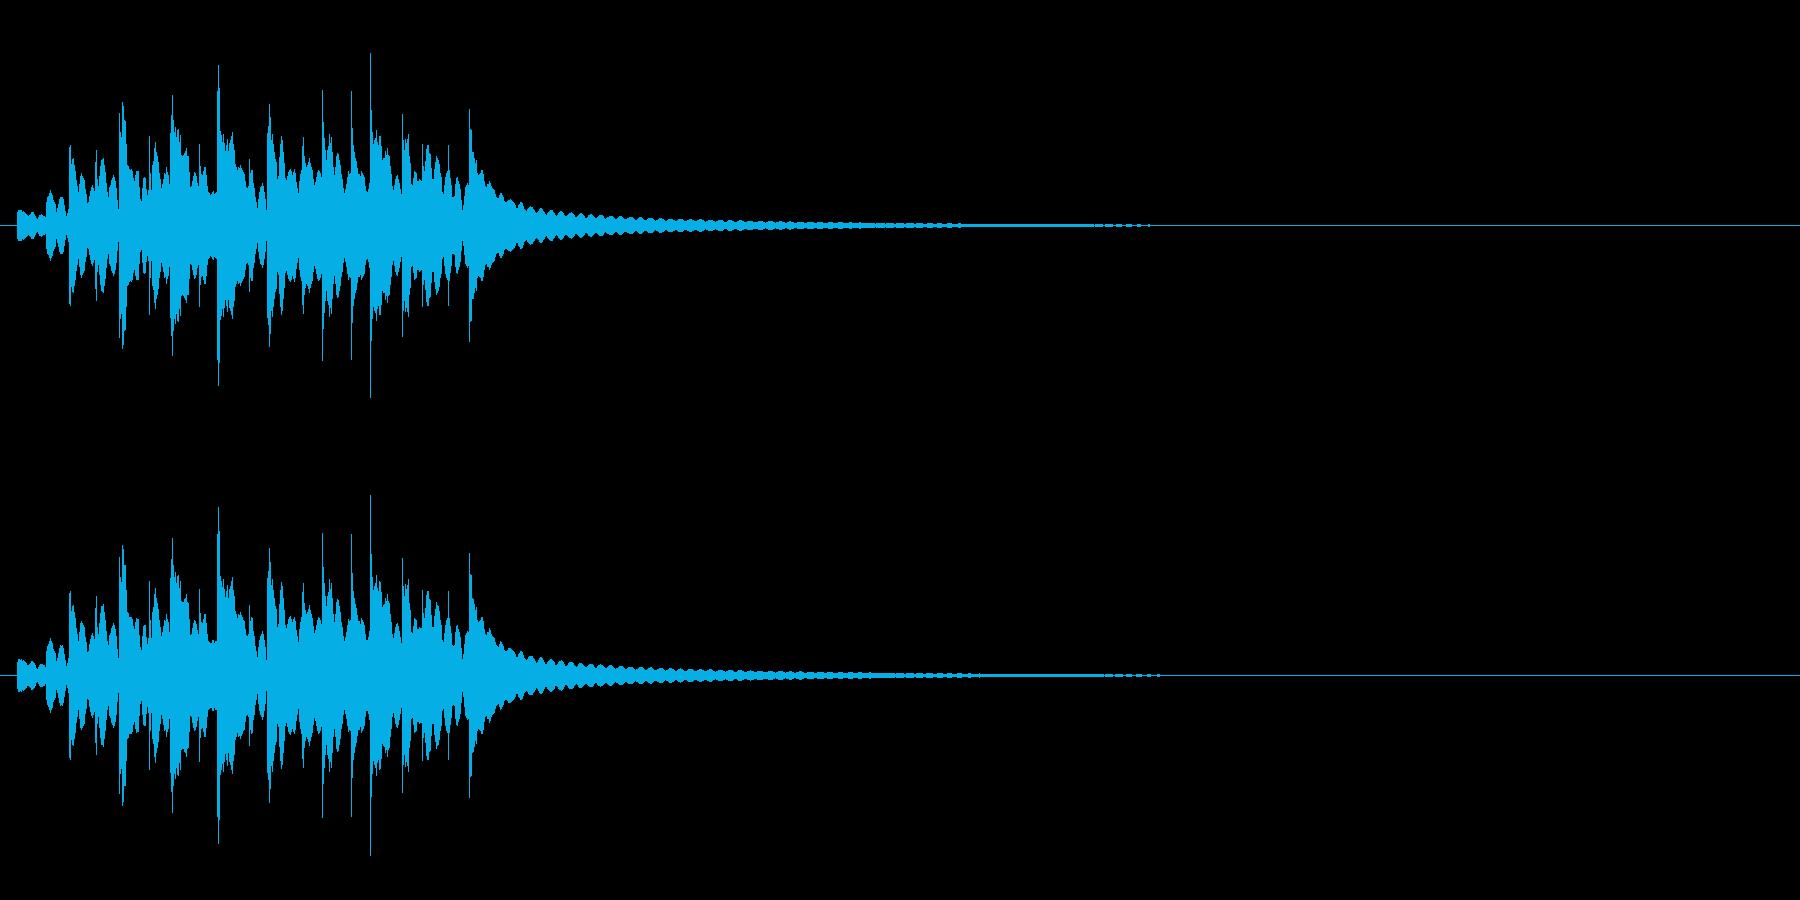 りん・持鈴「チリリリリーン」#3の再生済みの波形